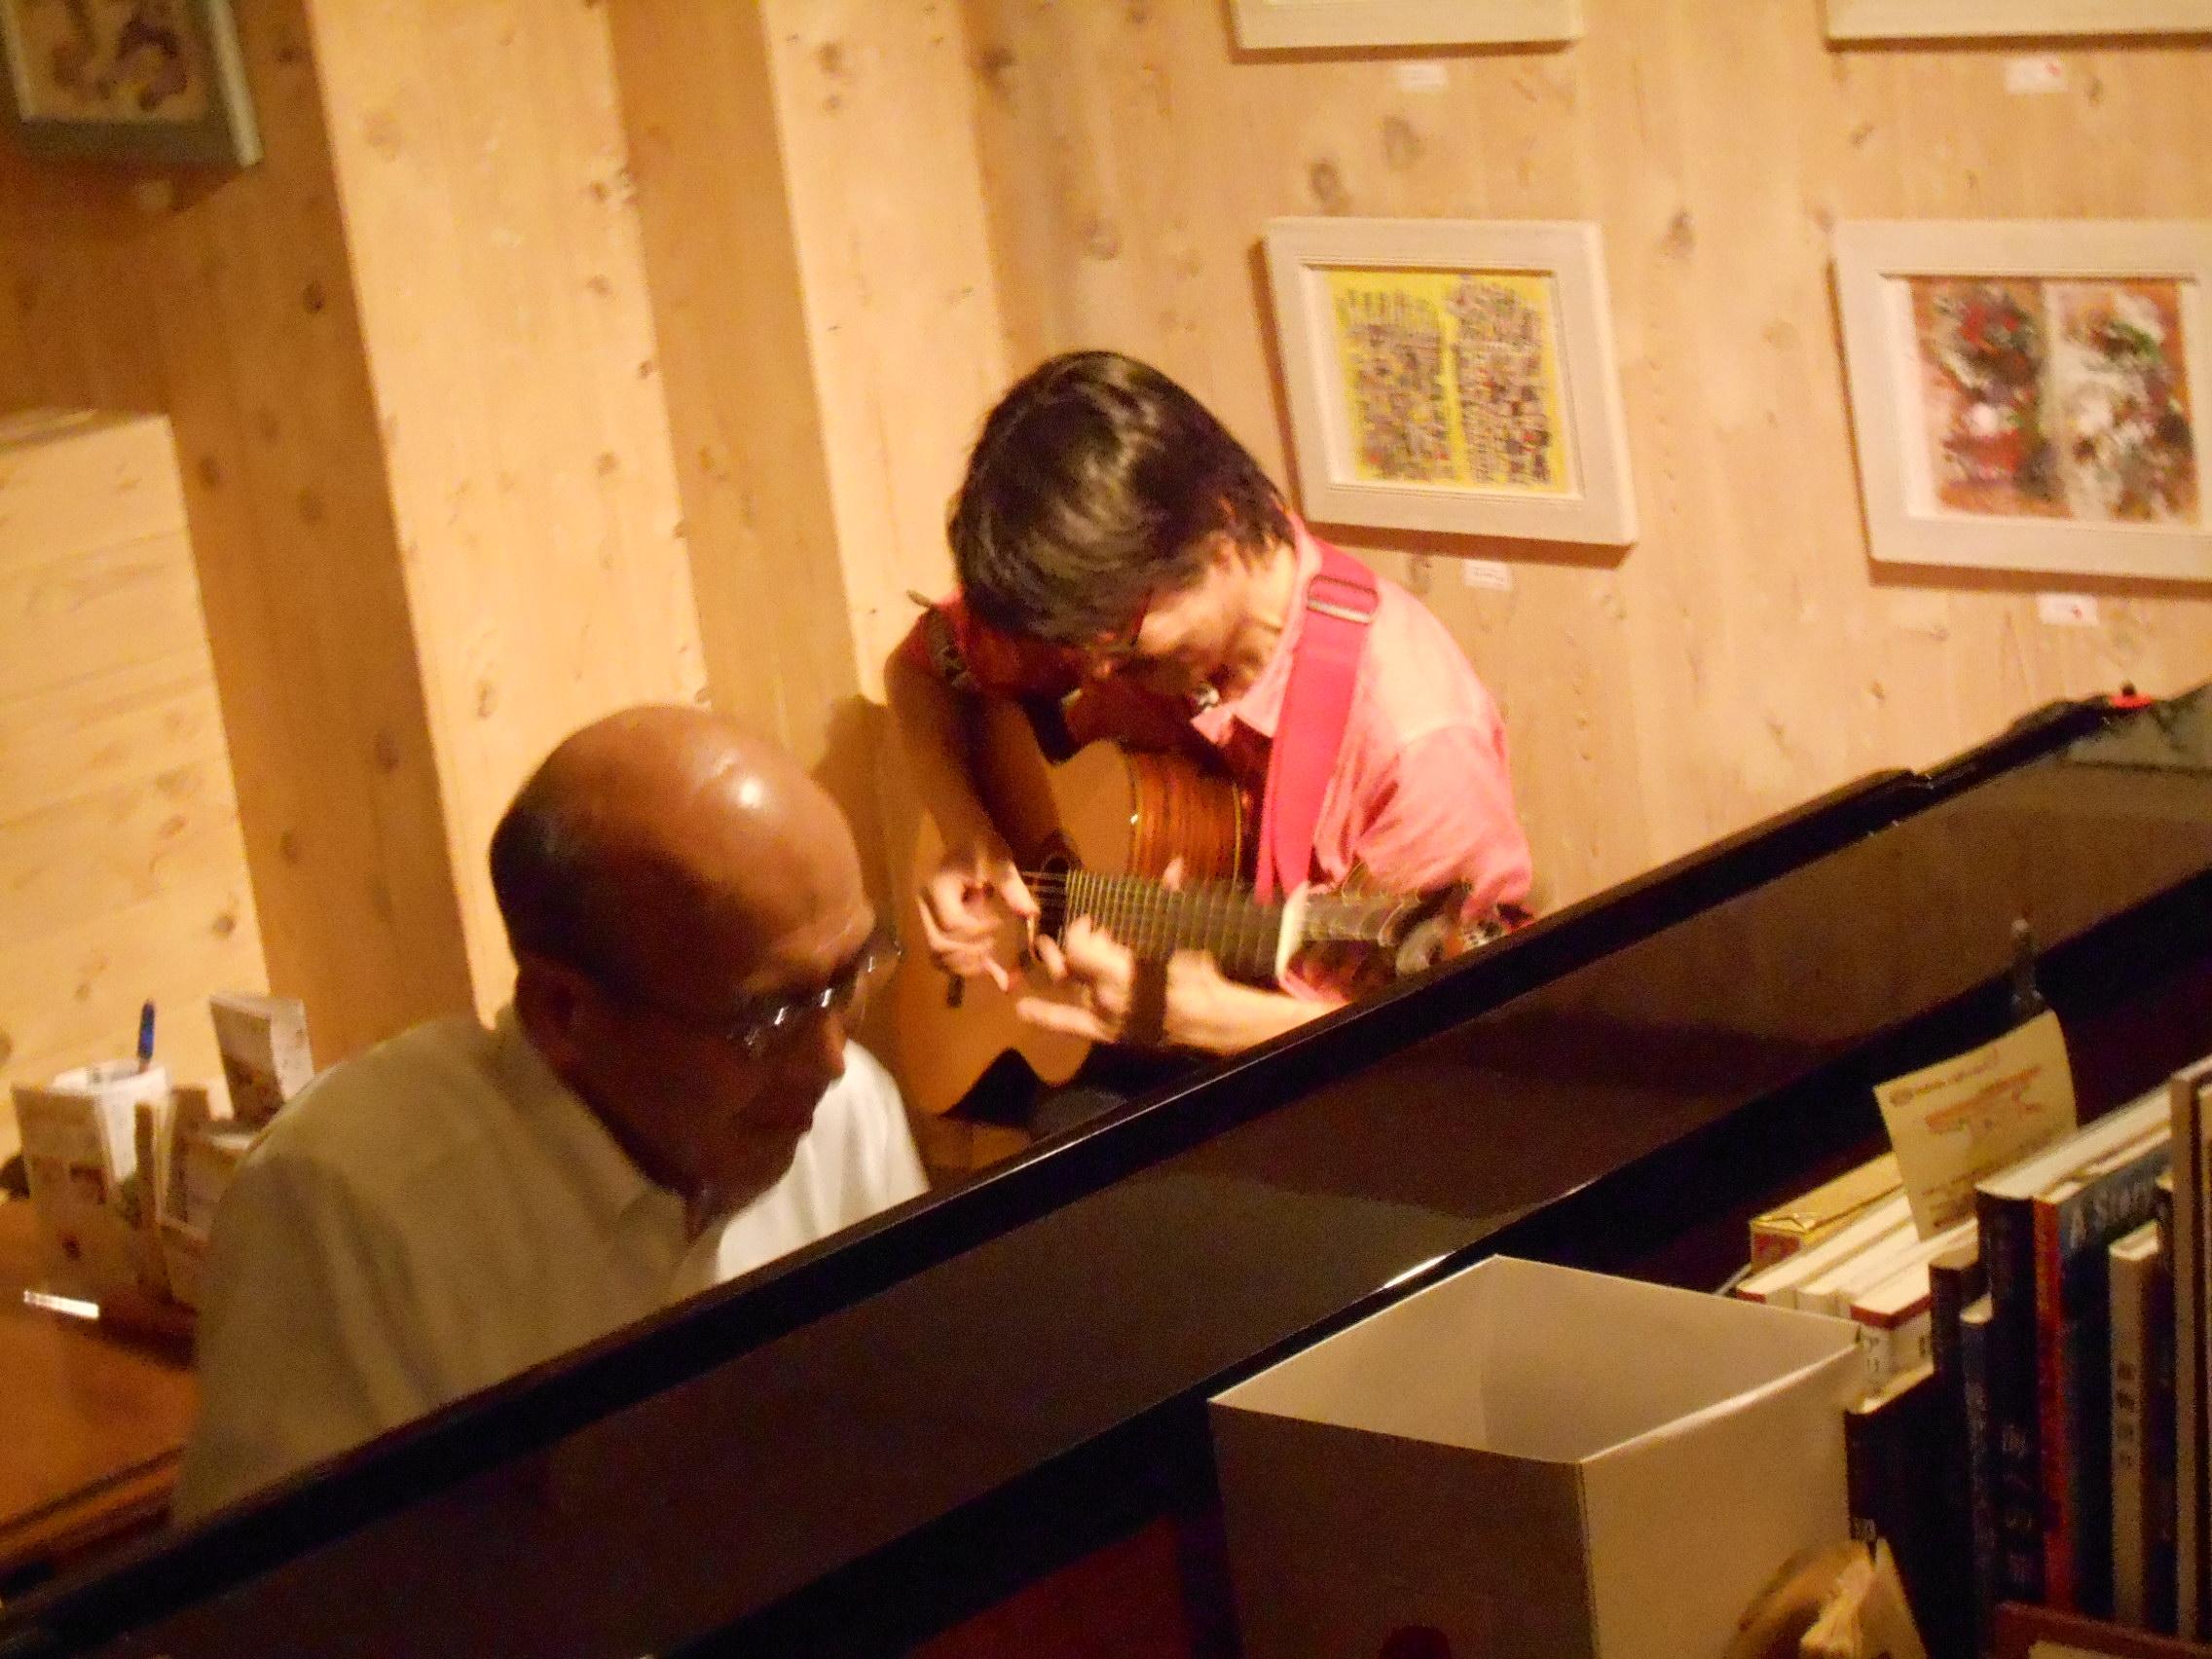 ギタリストとピアニスト、文京区に所縁のあるジャズプレイヤーの共演による円熟ライヴ